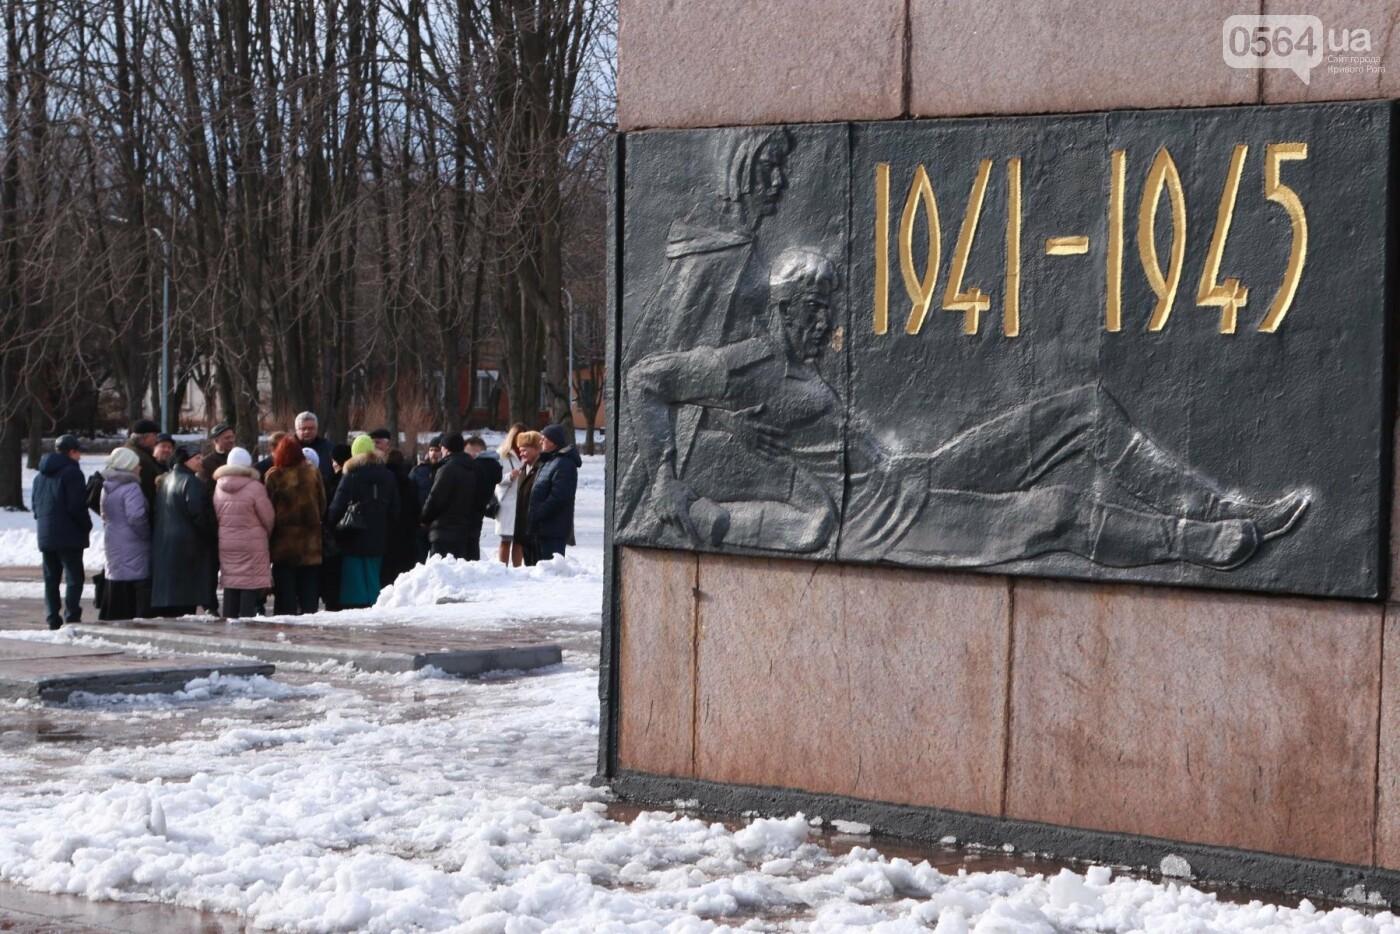 Константин Усов: мемориал Победы в Металлургическом районе будет восстановлен, фото-3